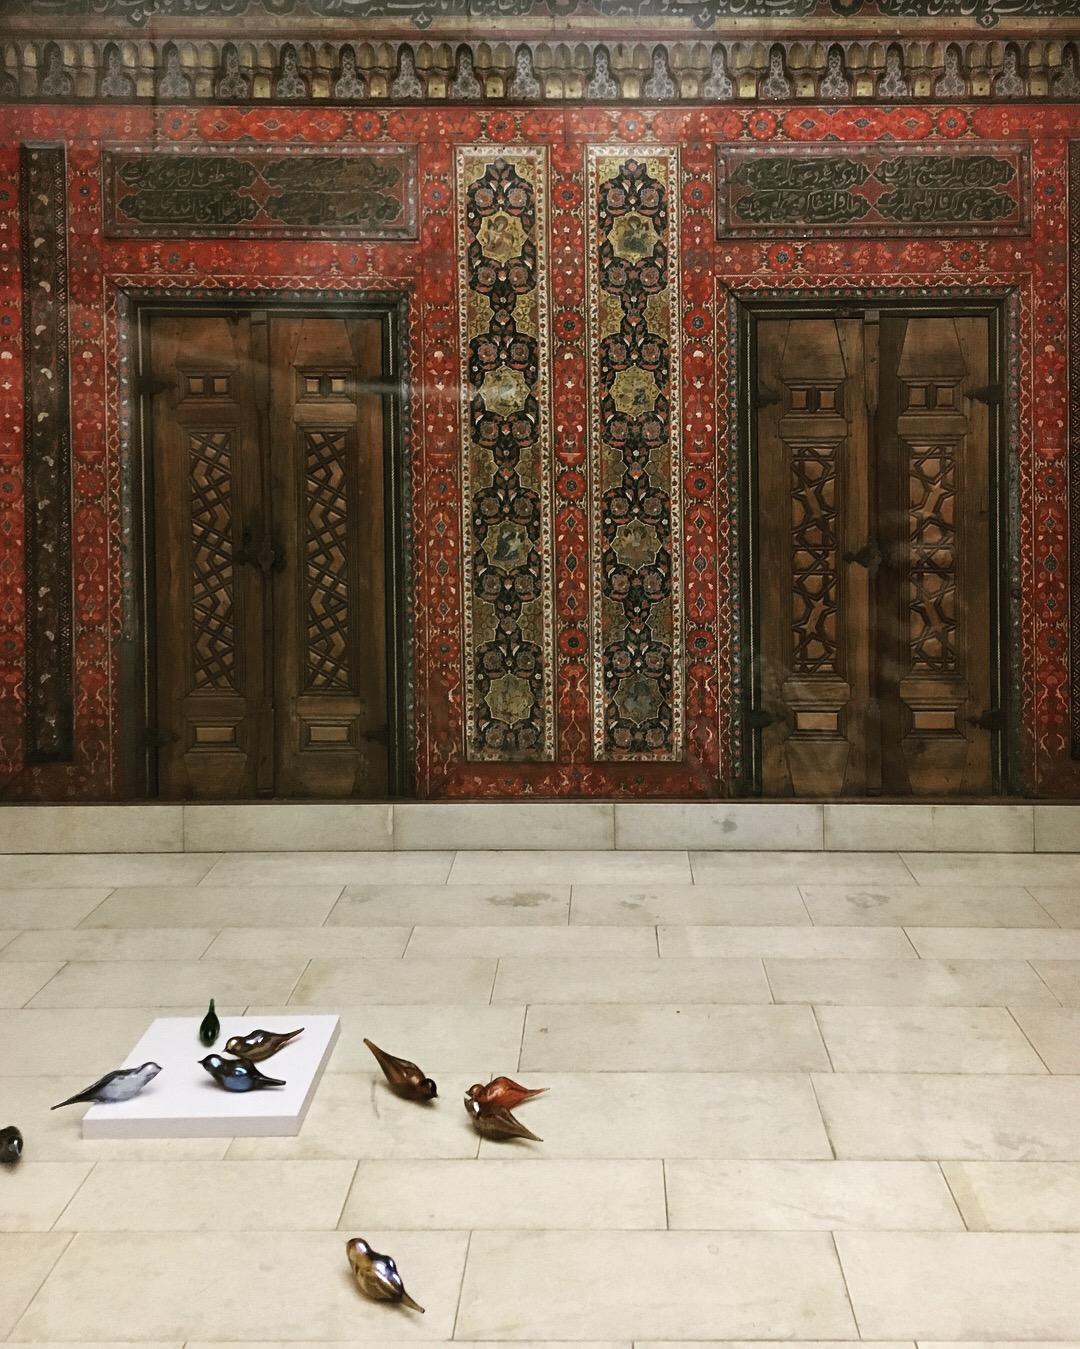 Pergamon-Museum_Museum-for-Islamic-Art_Aleppo-Room